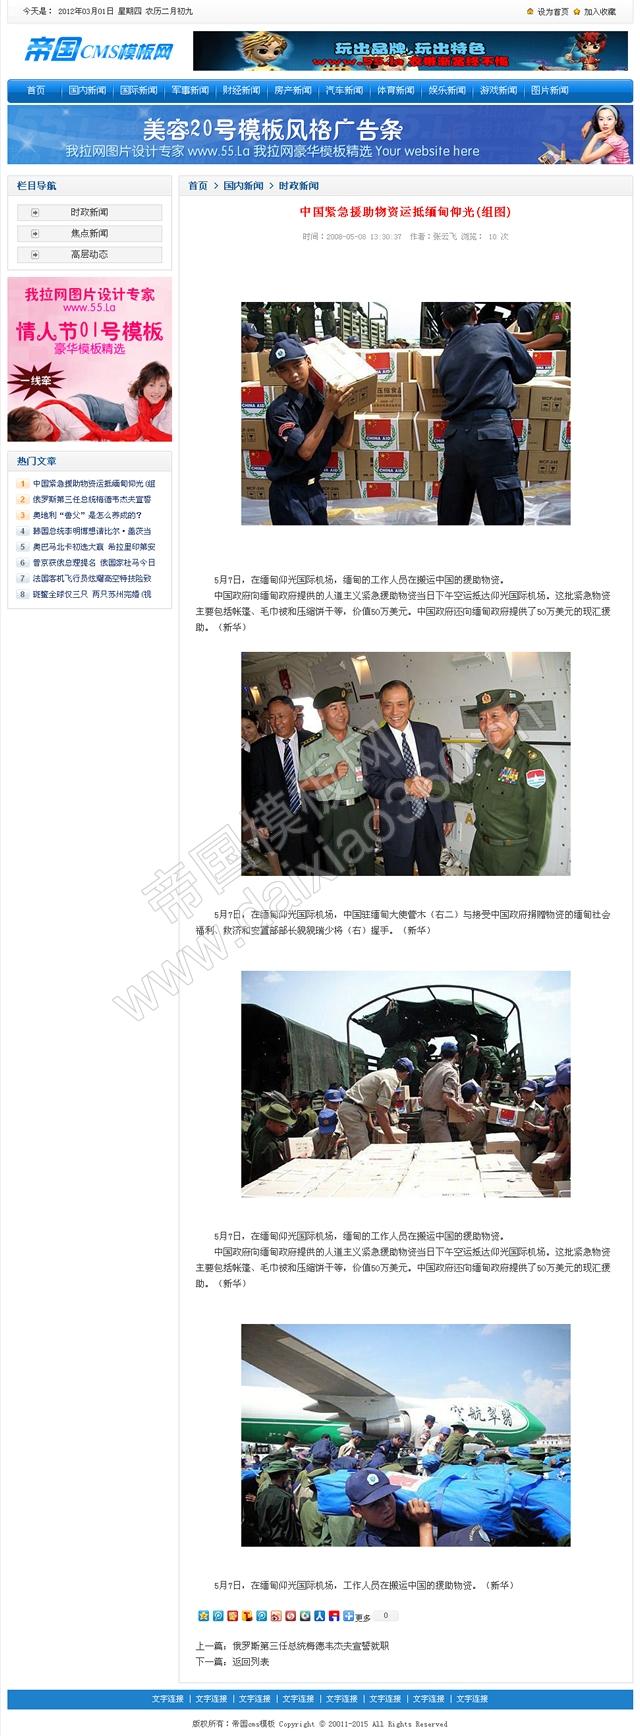 帝国cms新闻资讯文章蓝色大气网站程序模板_内容页